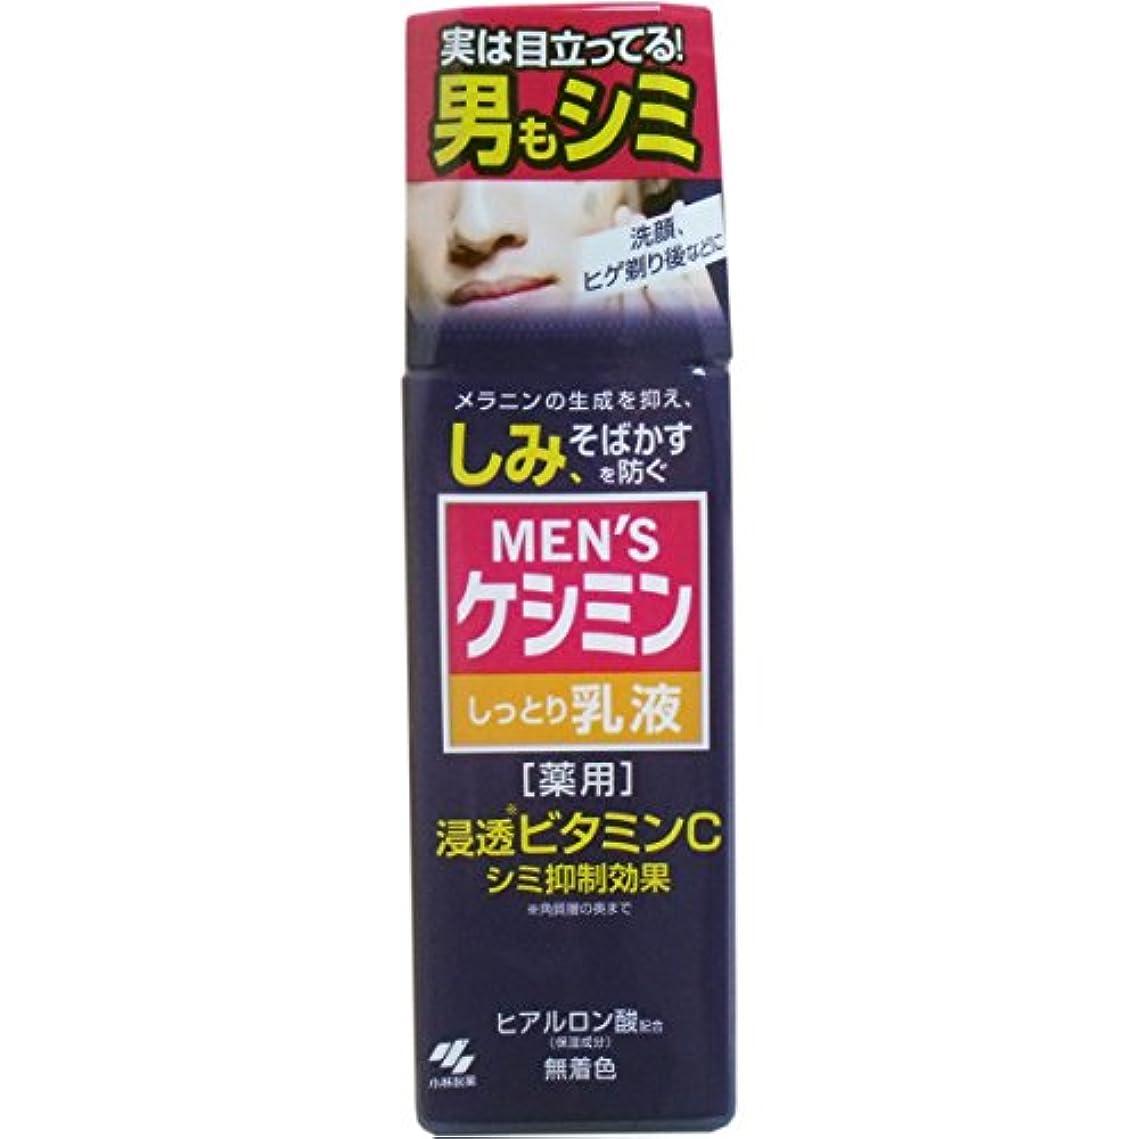 突然ボア統合する【小林製薬】メンズケシミン乳液 110ml ×3個セット